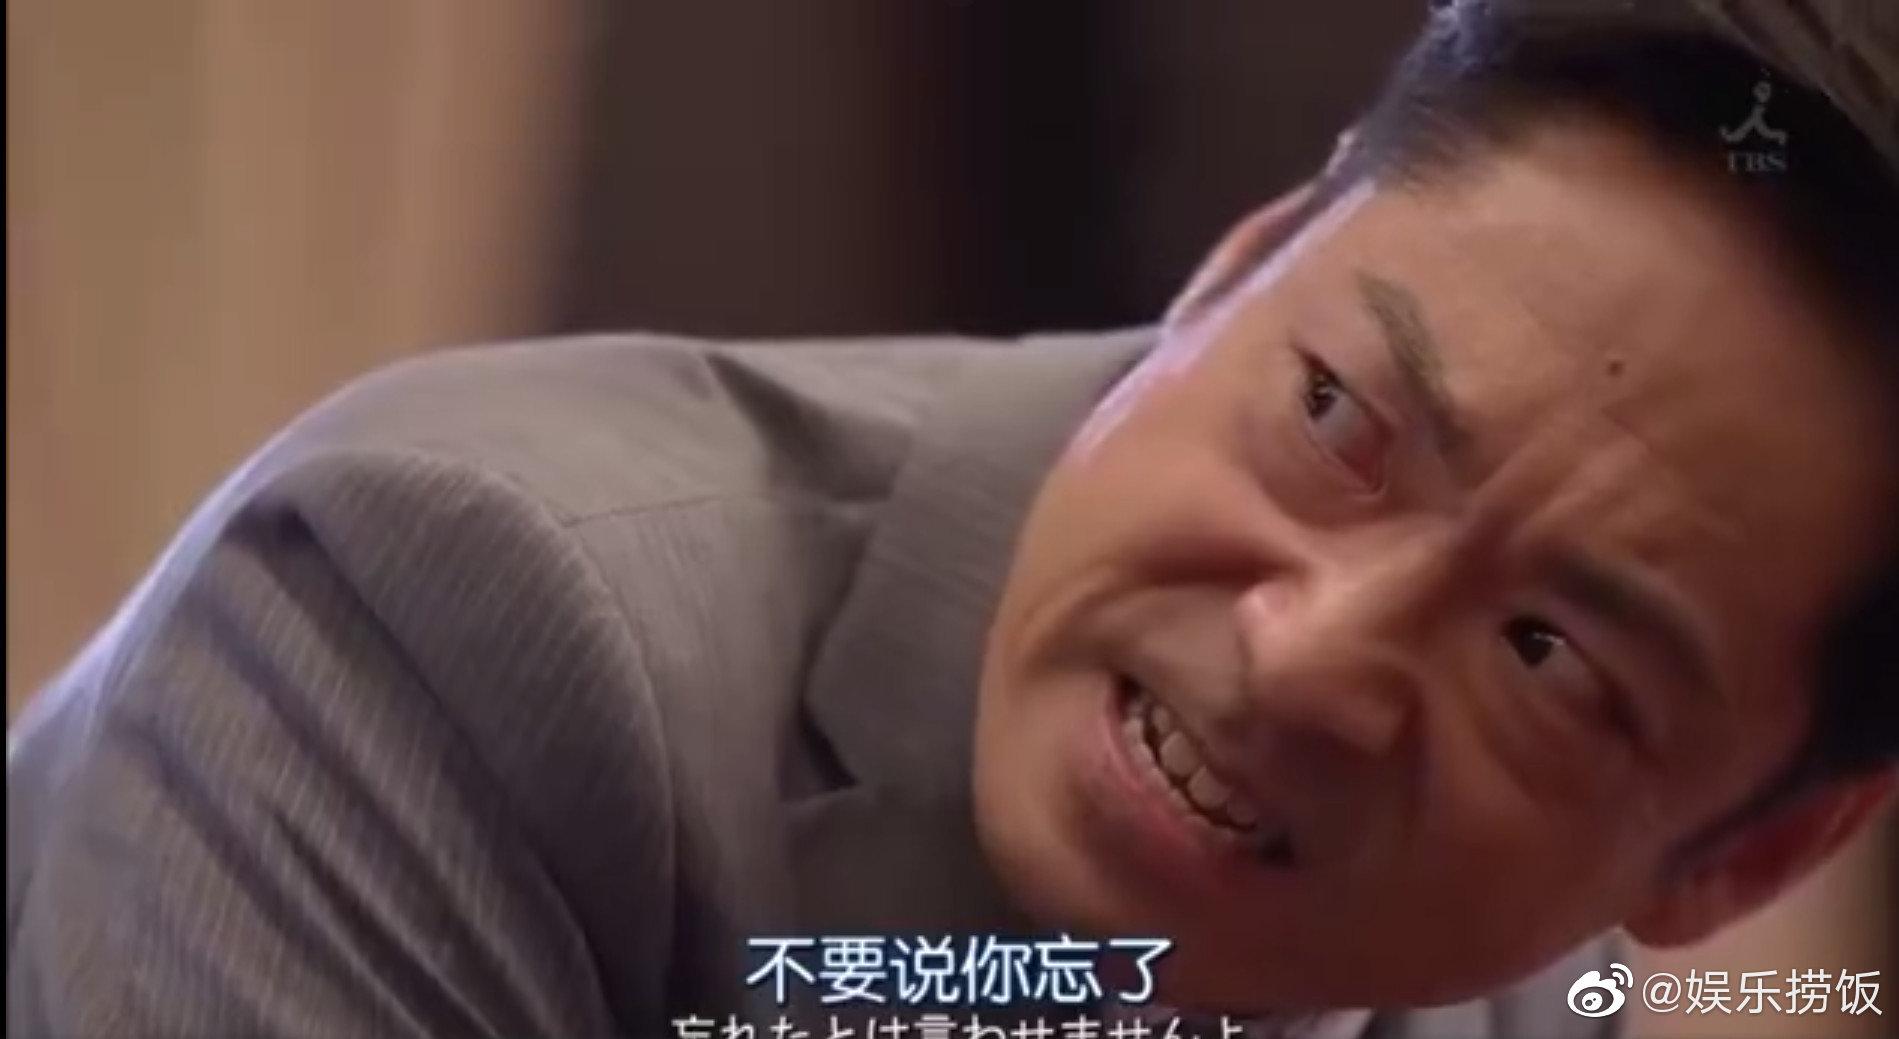 由堺雅人  上户彩 香川照之主演的日剧《半泽直树2》今晚开播啦